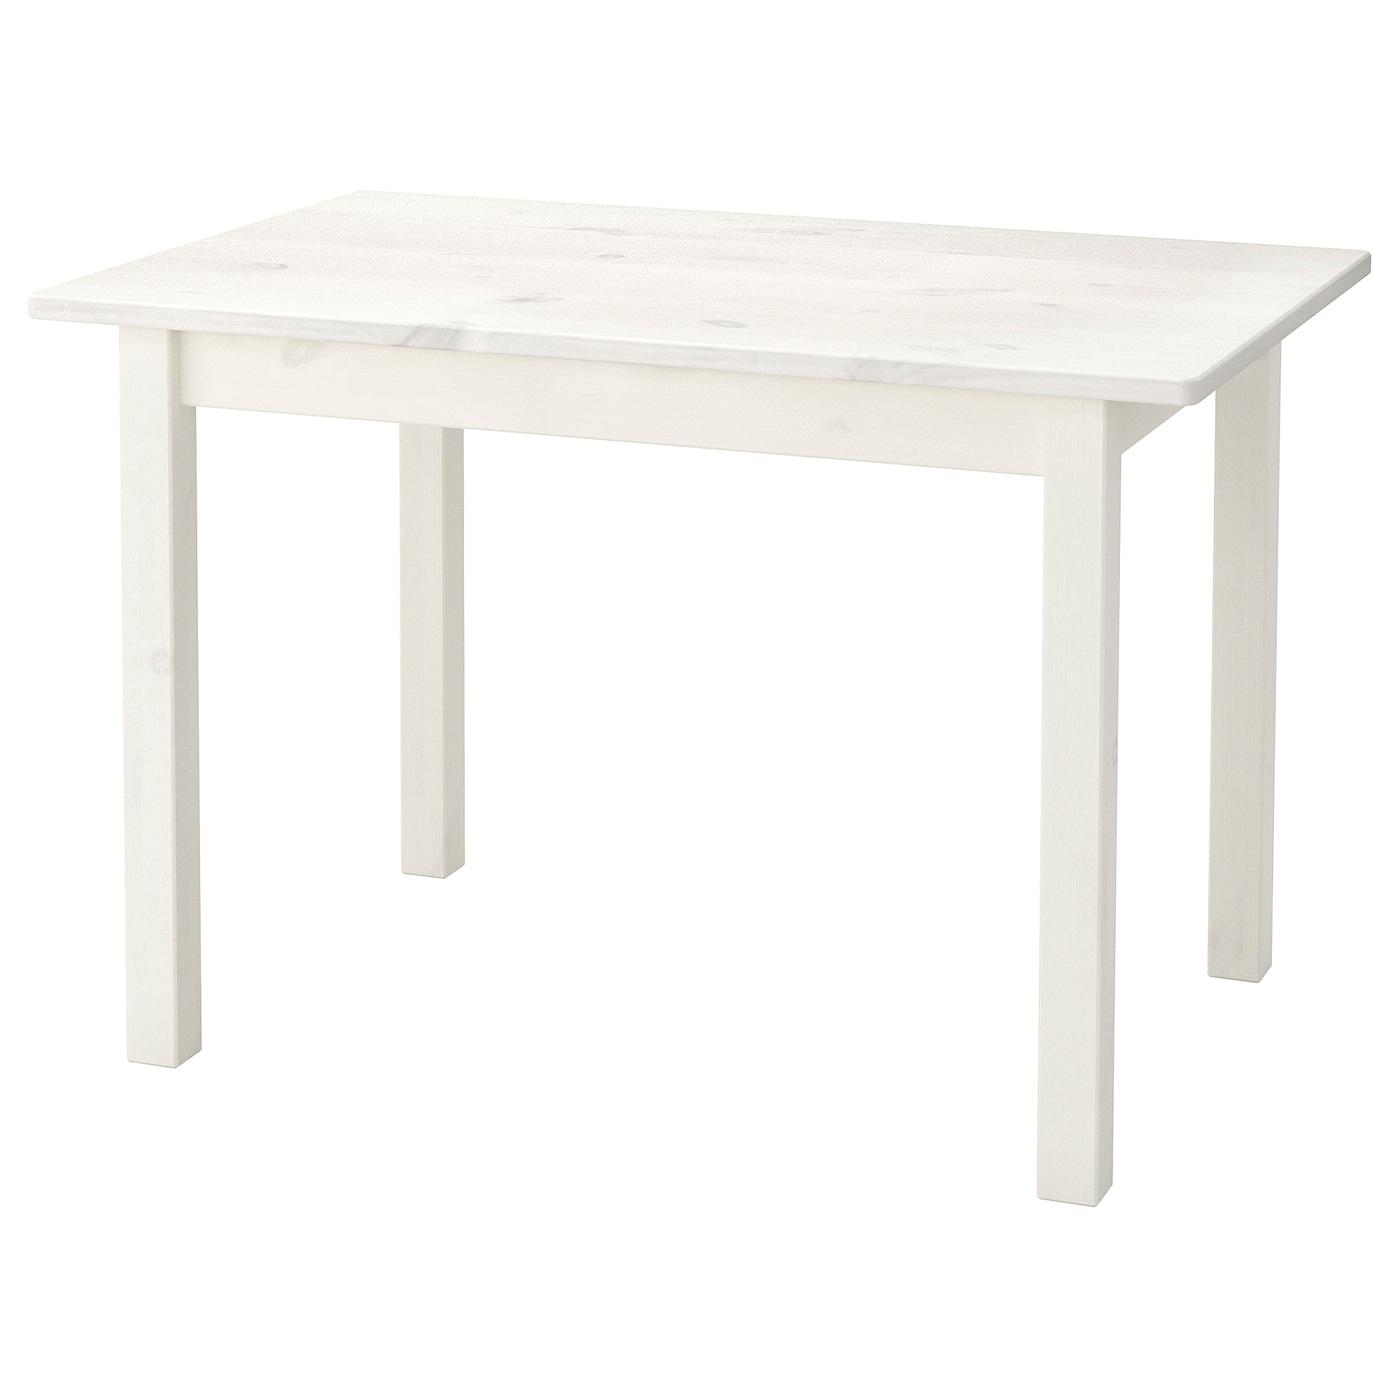 SUNDVIK Table enfant, blanc, 76x50 cm IKEA